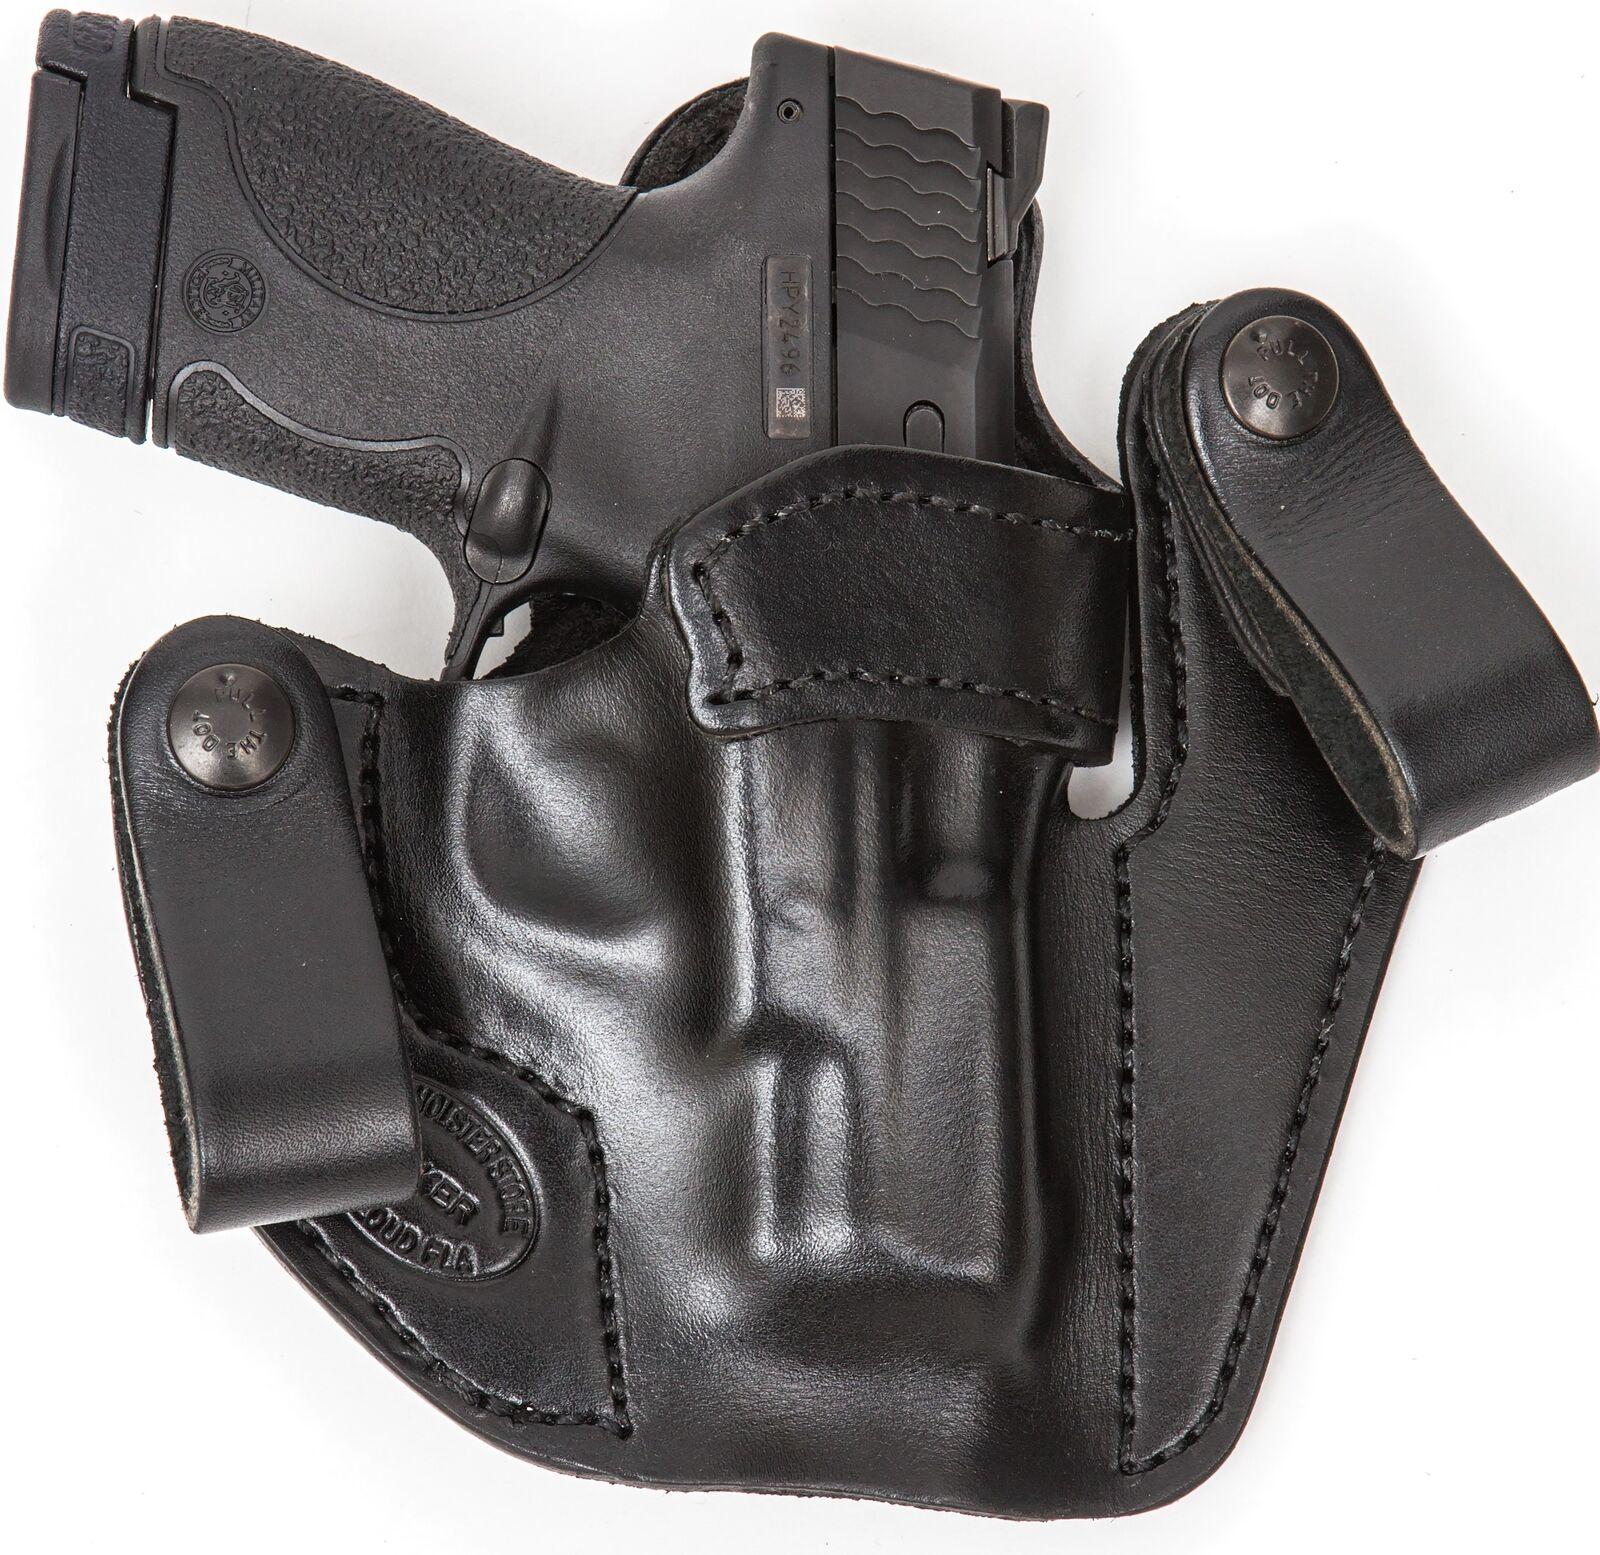 Xtreme llevar RH LH IWB Cuero Funda Pistola para KEL Tec PMR30